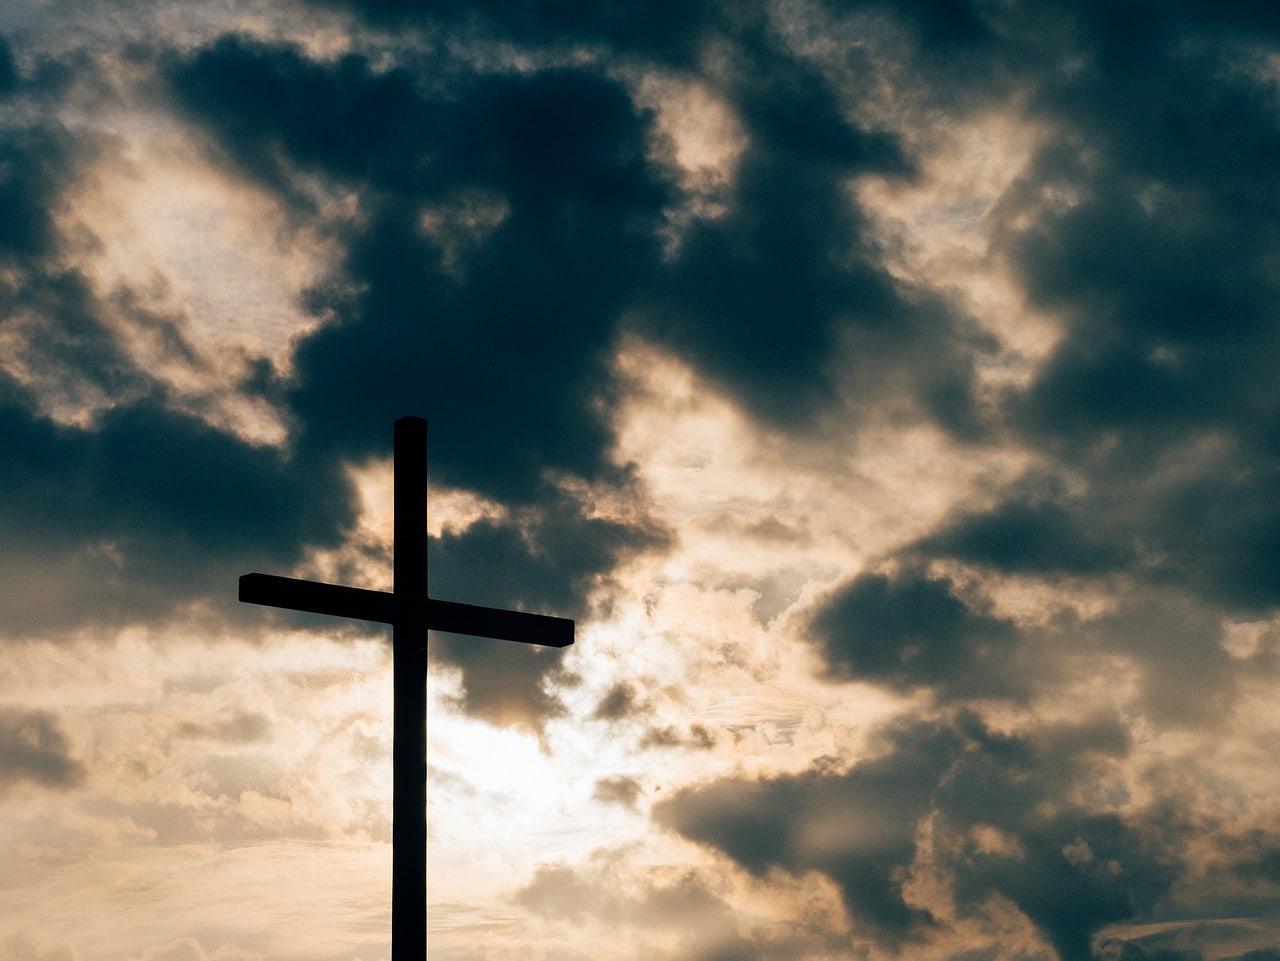 Schwarze Wolken über der katholischen Kirche